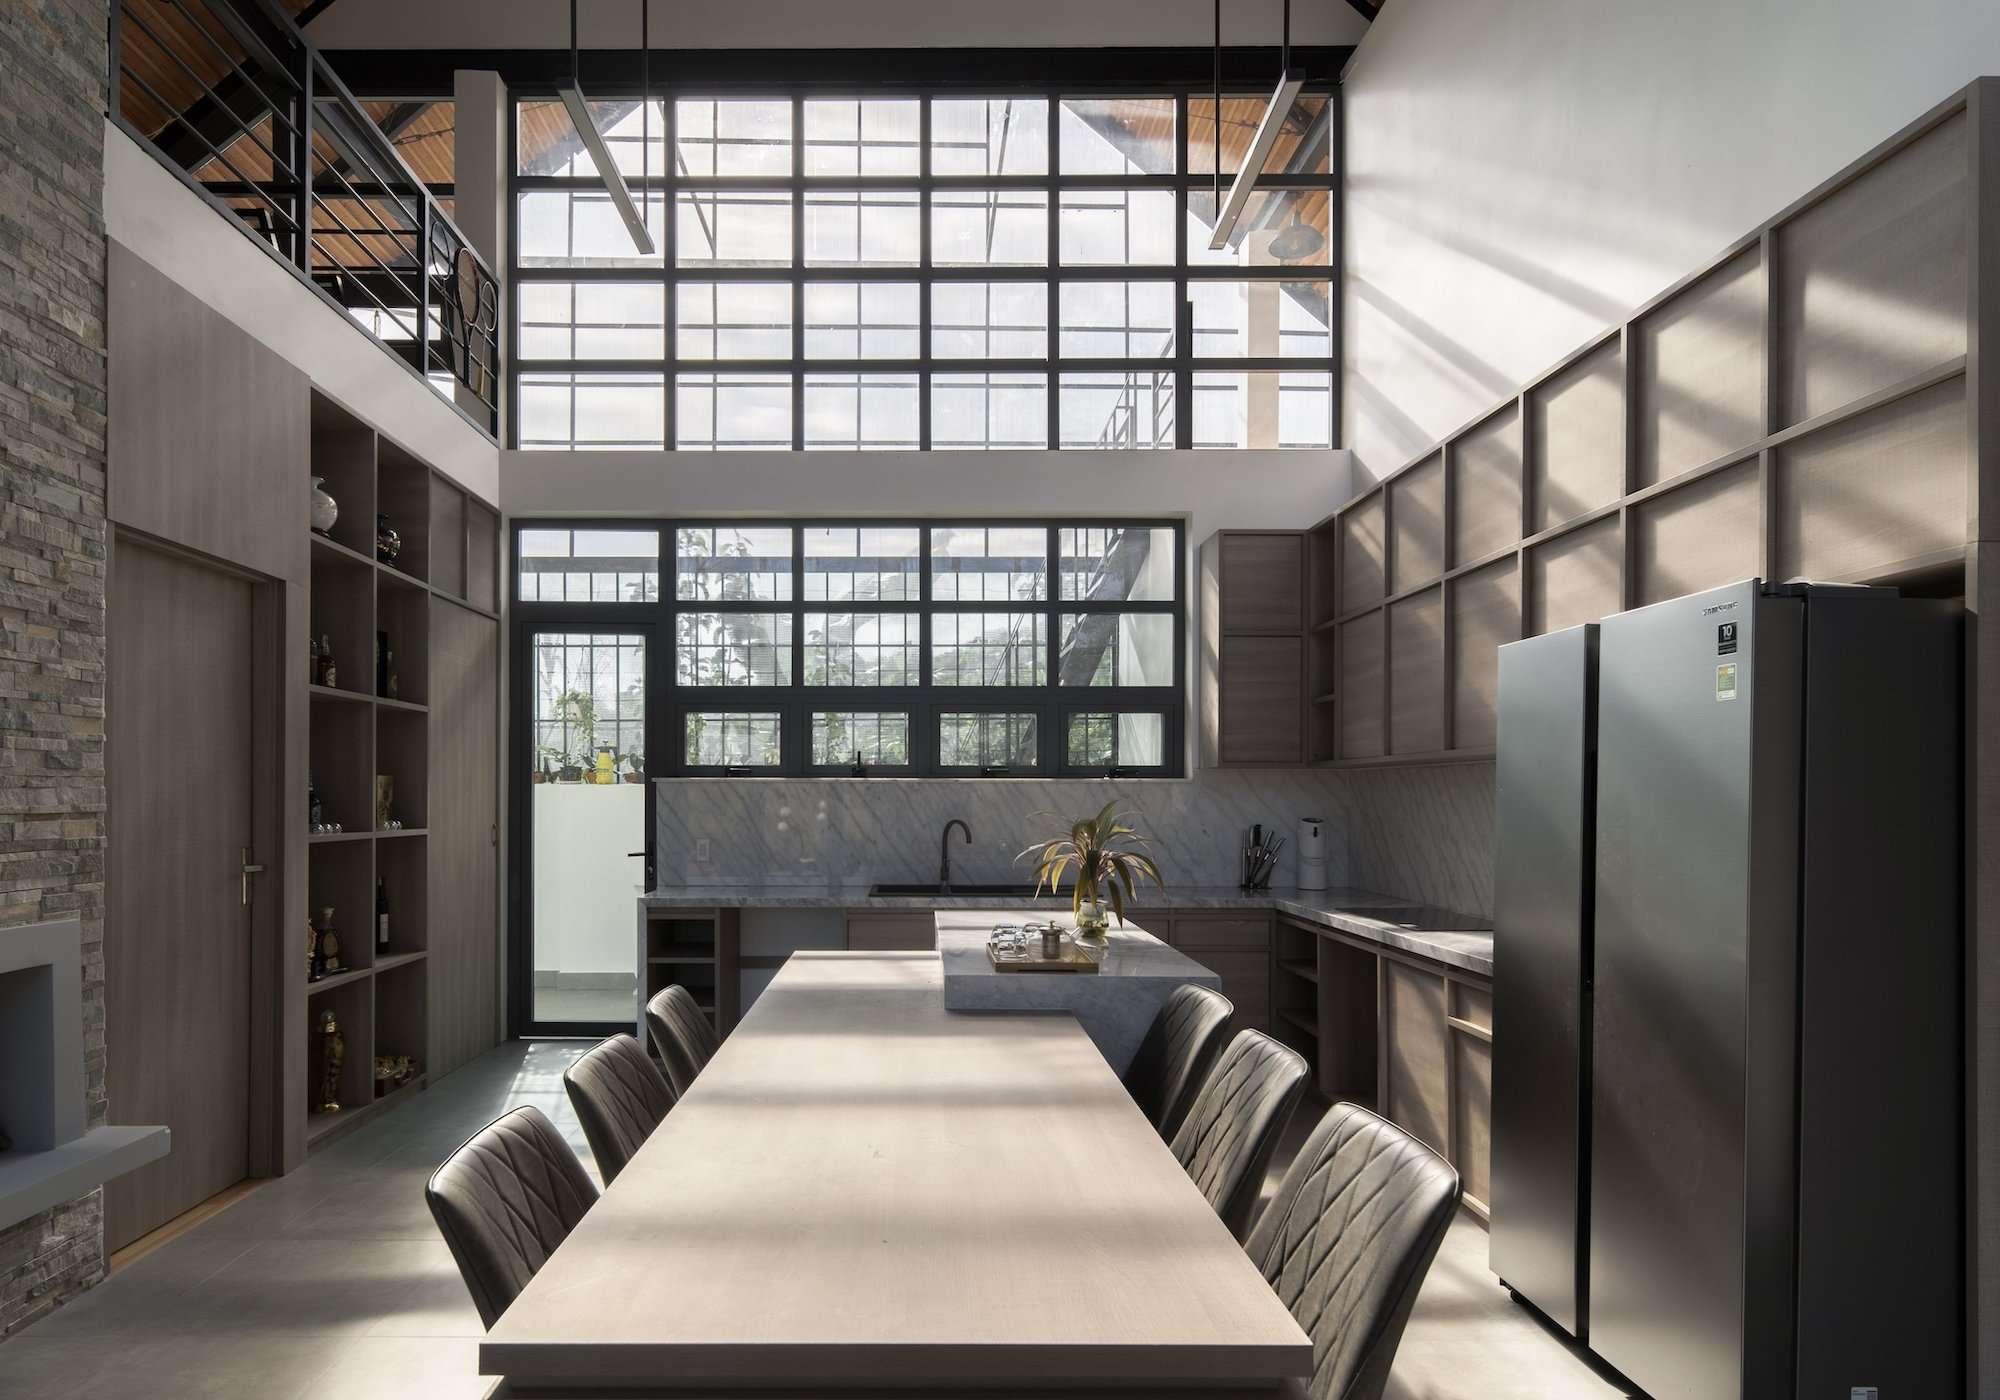 Cuối nhà, nhóm thiết kế chừa một khoảng trống làm không gian đẹp giữa hai lớp cửa để tránh nắng gắt.